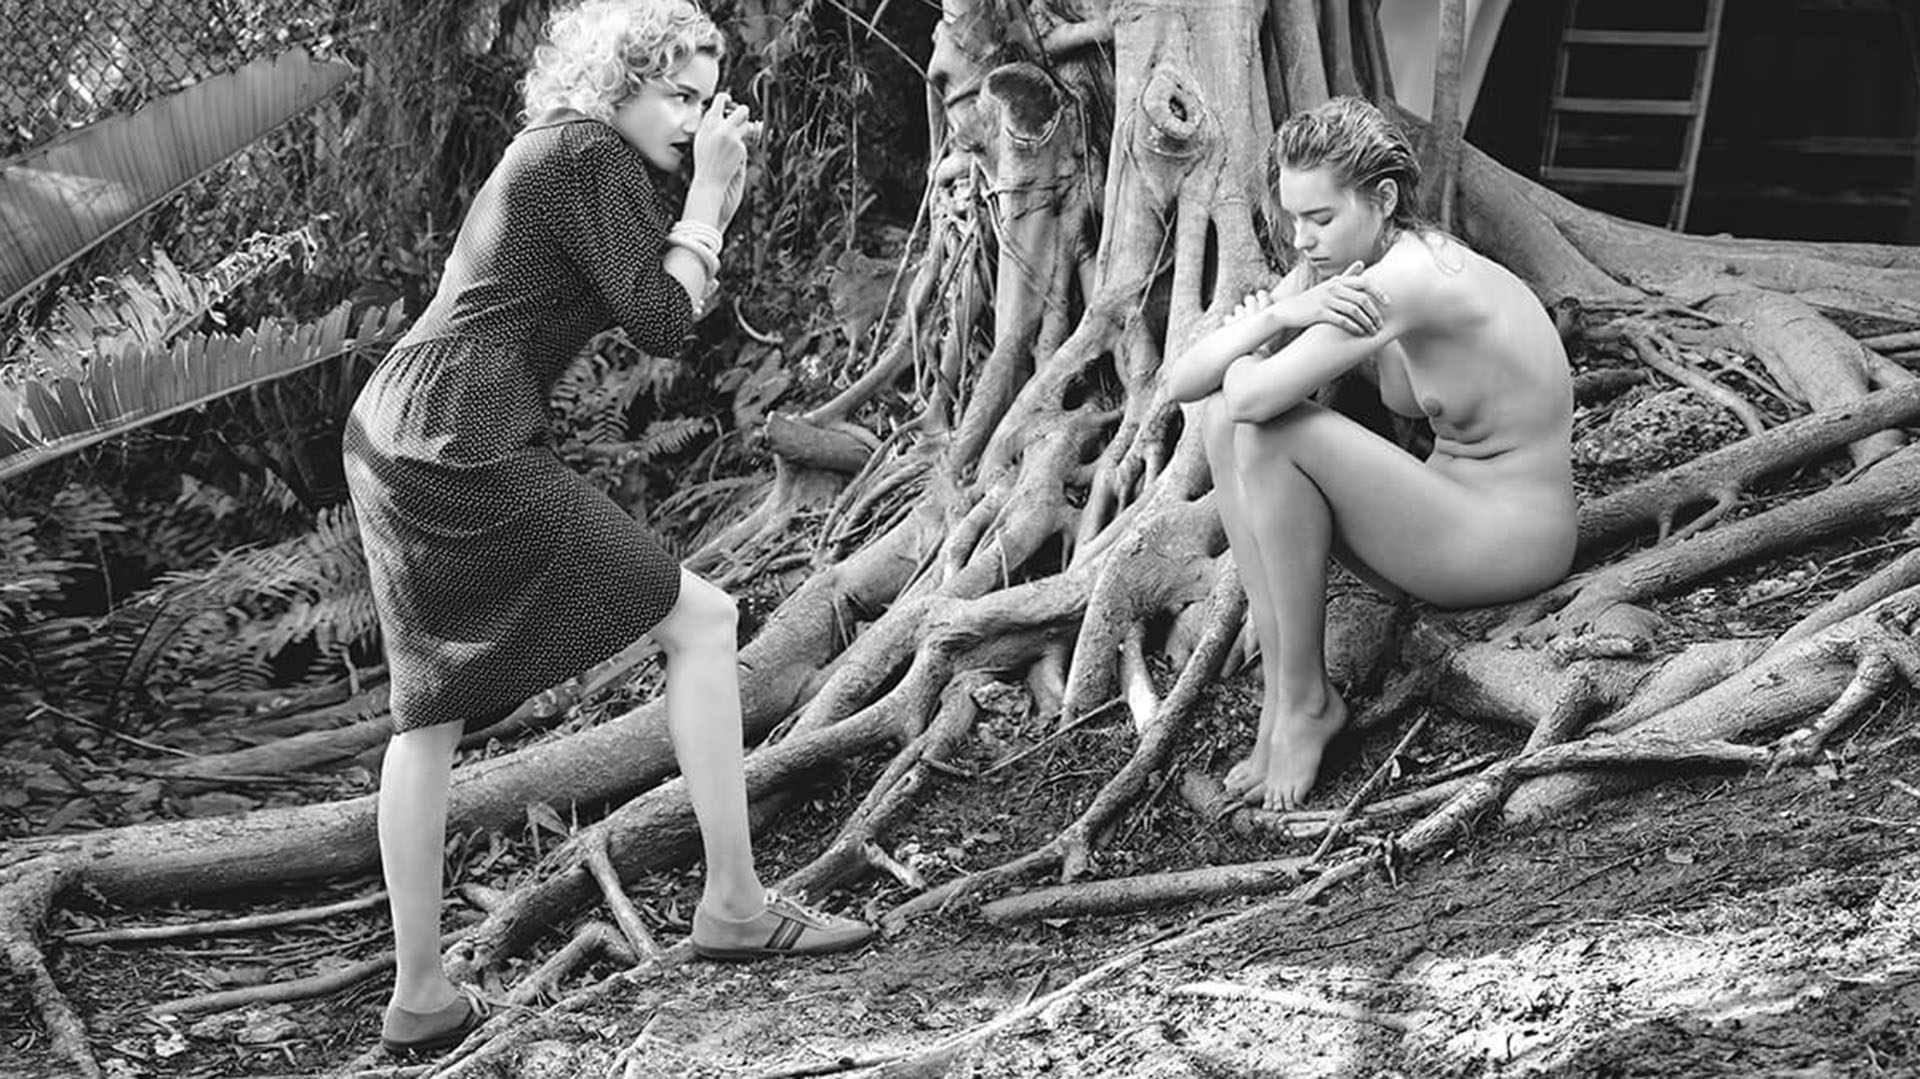 Julia Garner interpreta a una joven fotógrafa amante de la naturaleza y la soledad, que fotografía a su amiga, la modelo Astrid Eika